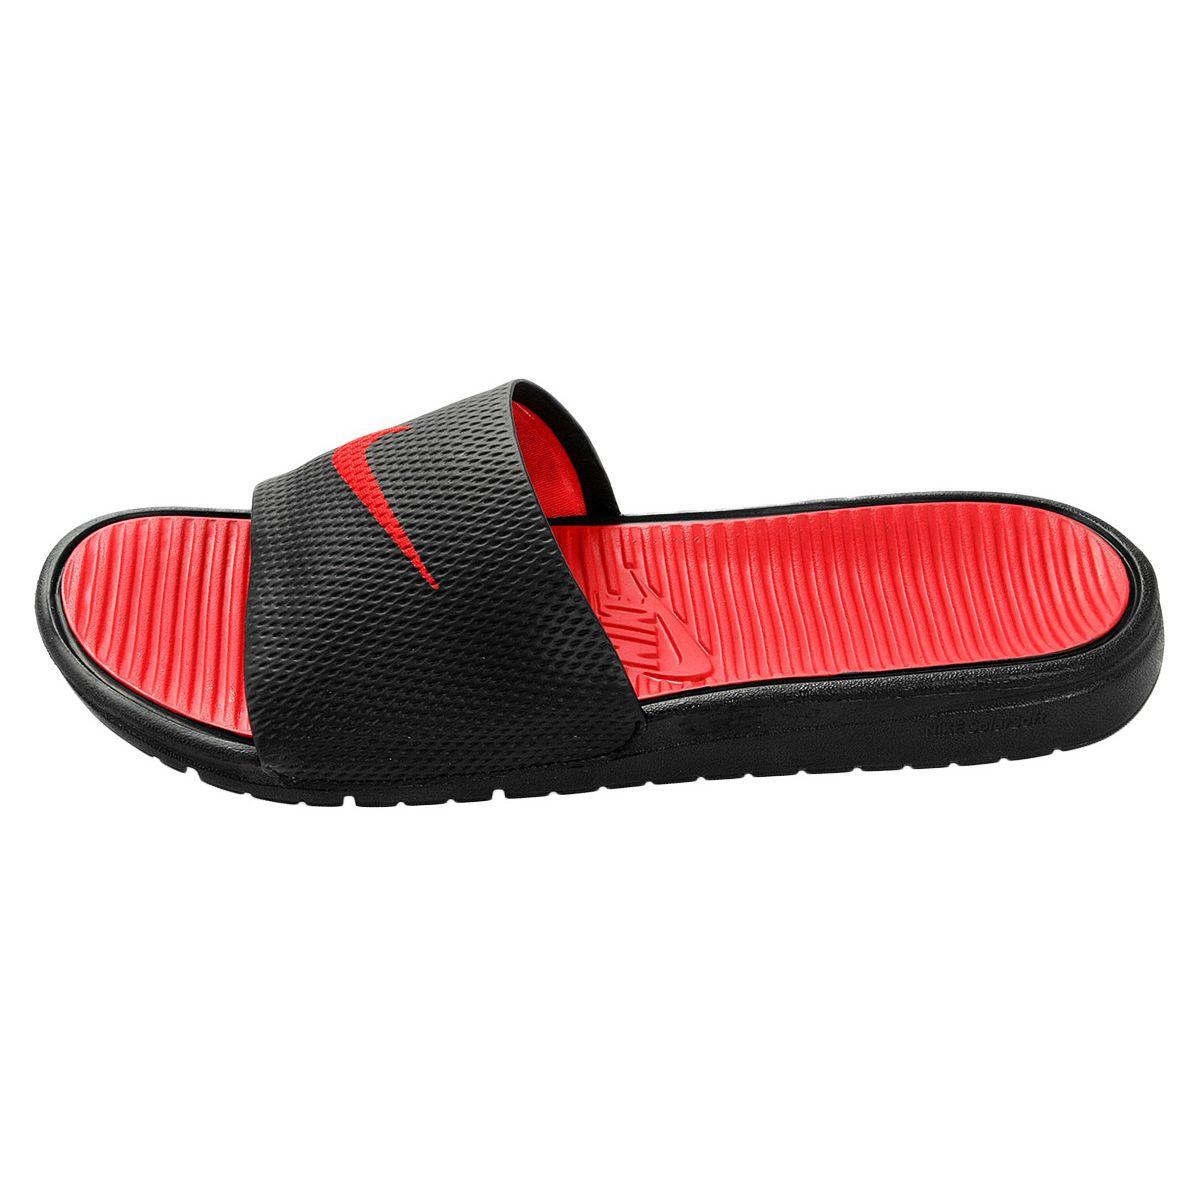 Nike Benassı Solarsoft Slıde Erkek Terlik 431884011